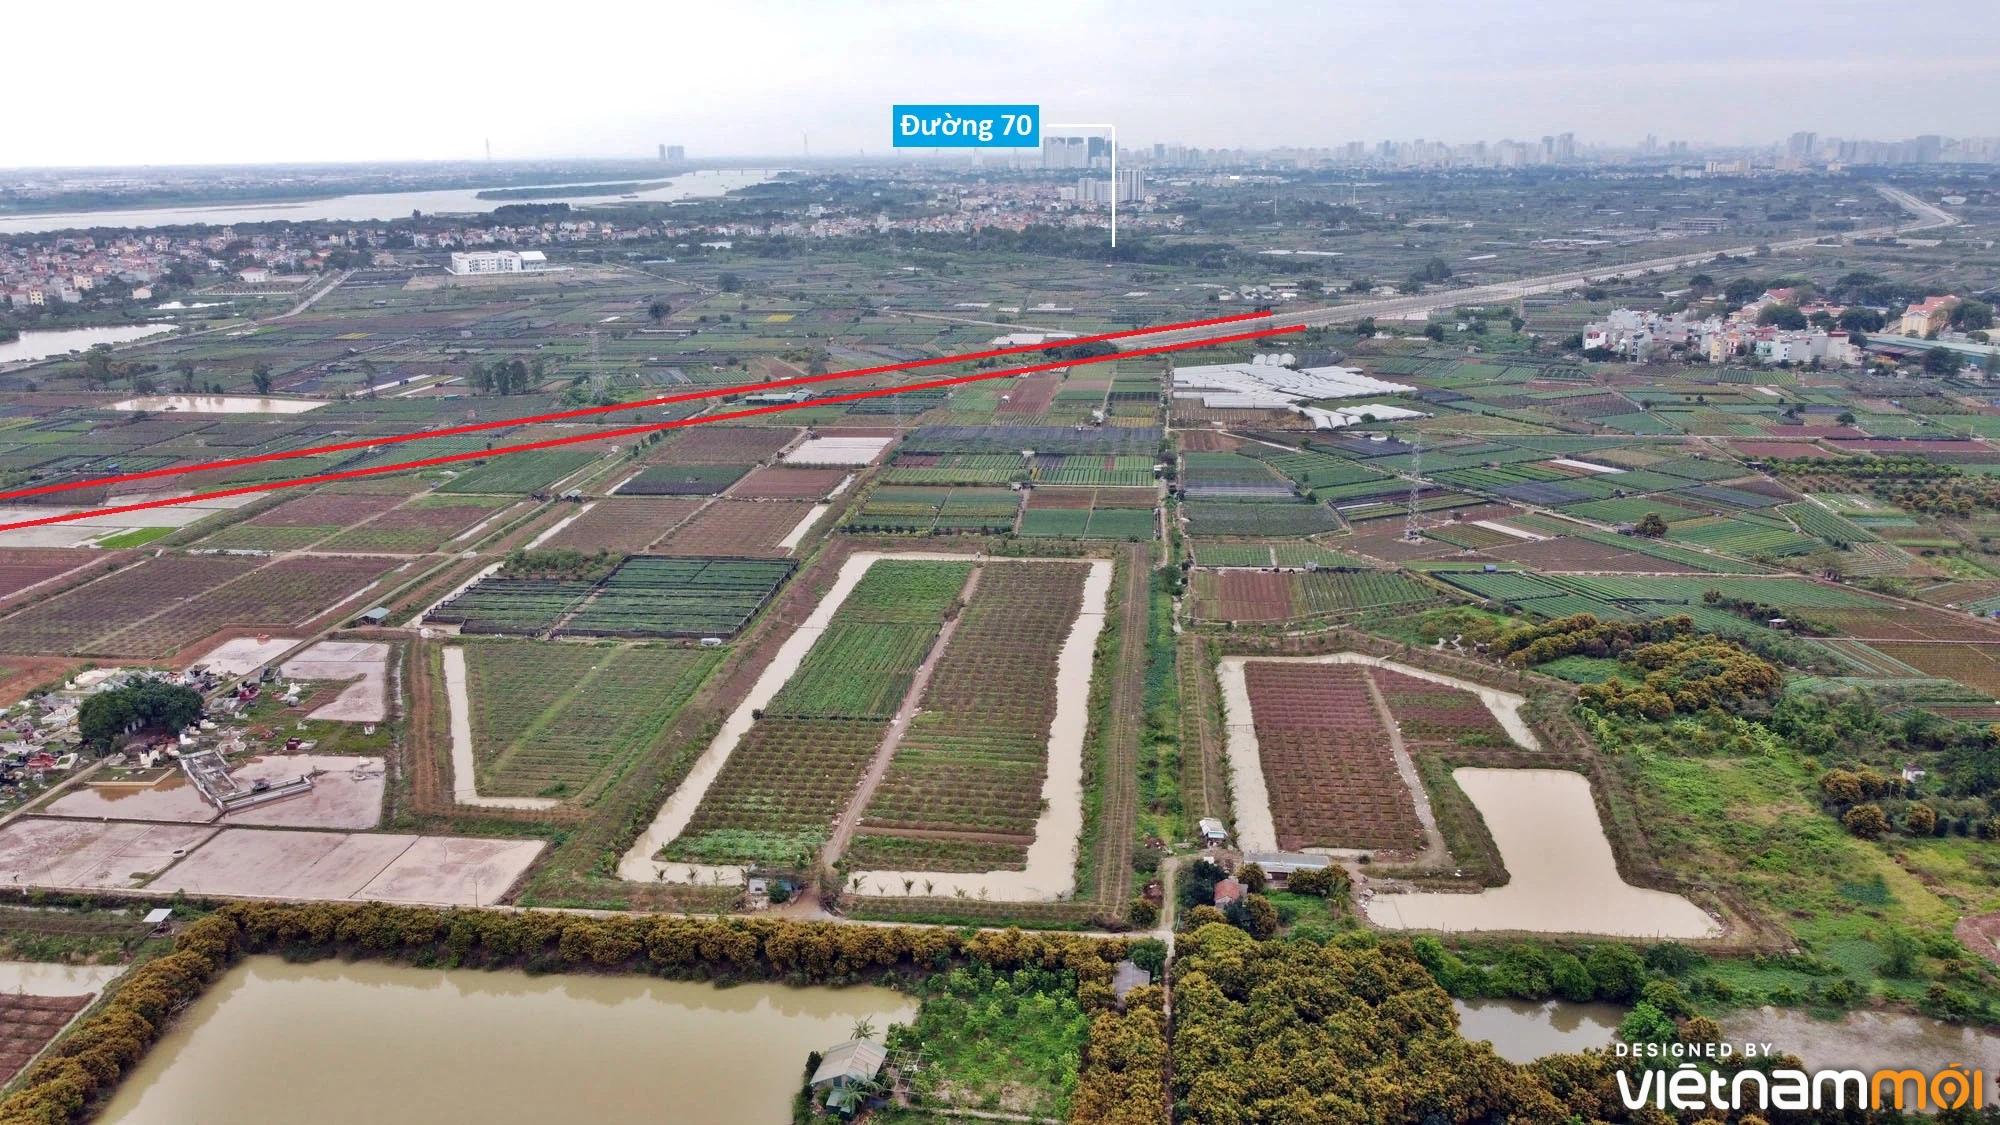 Đường sẽ mở theo quy hoạch ở xã Tân Lập, Đan Phượng, Hà Nội (phần 3) - Ảnh 3.